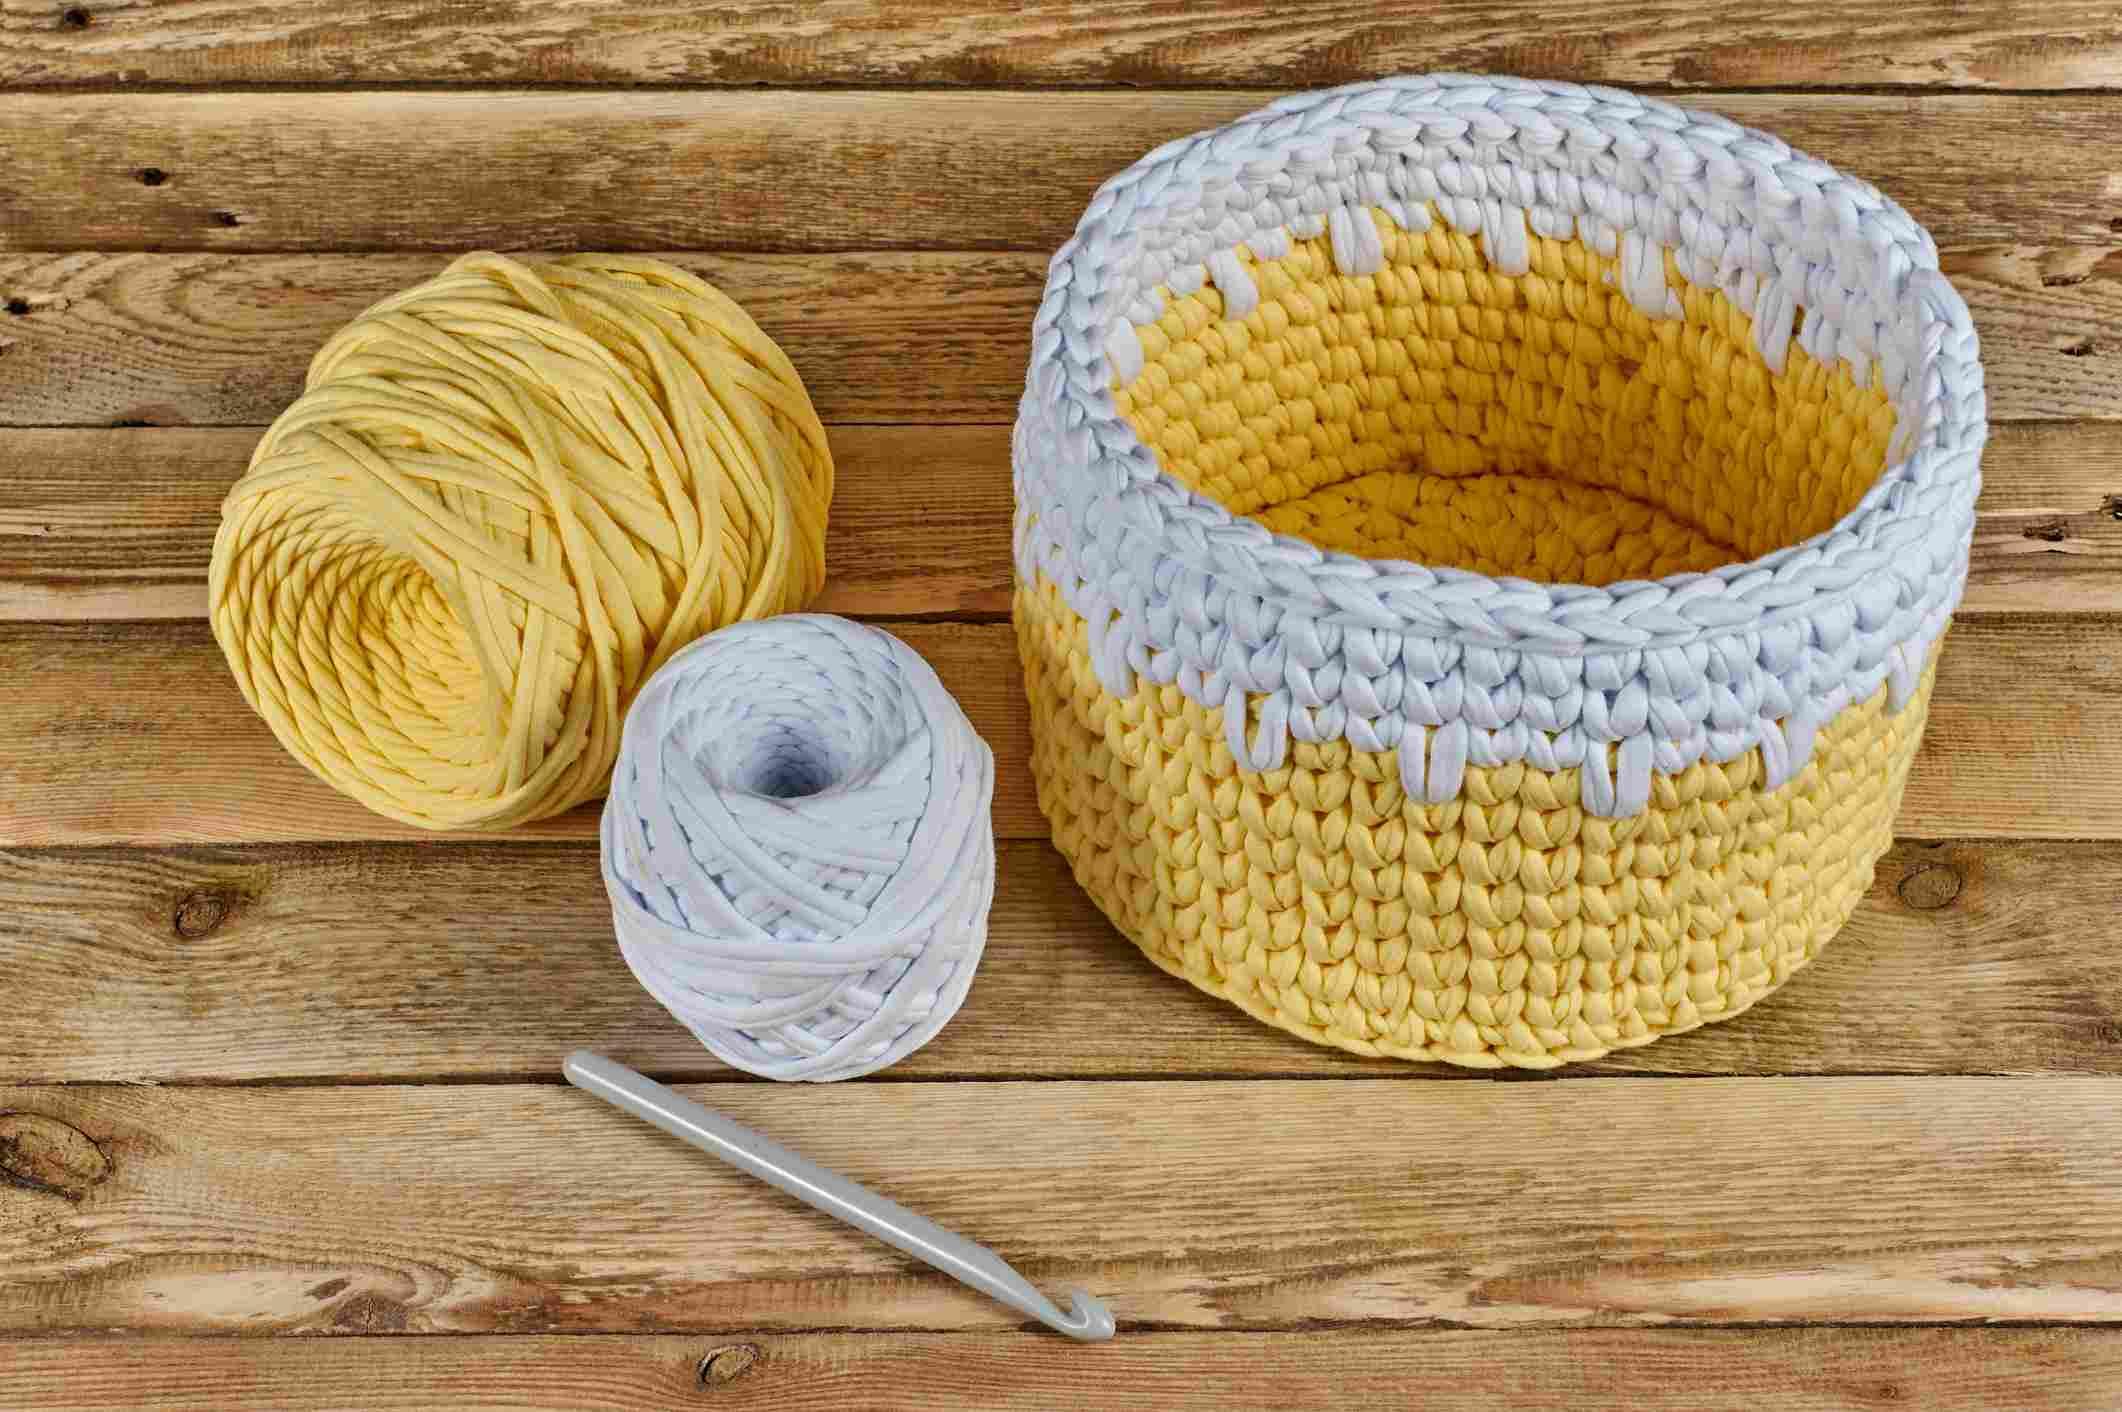 T-shirt Yarn Crochet Basket